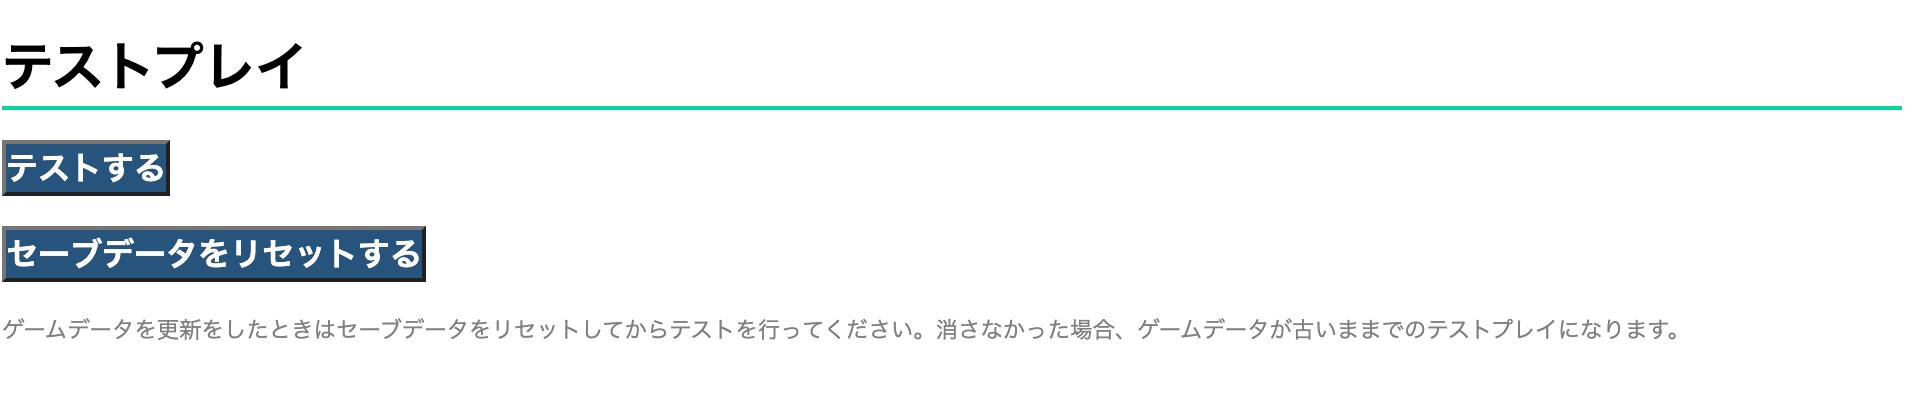 スクリーンショット 2020-06-13 10.24.41.png